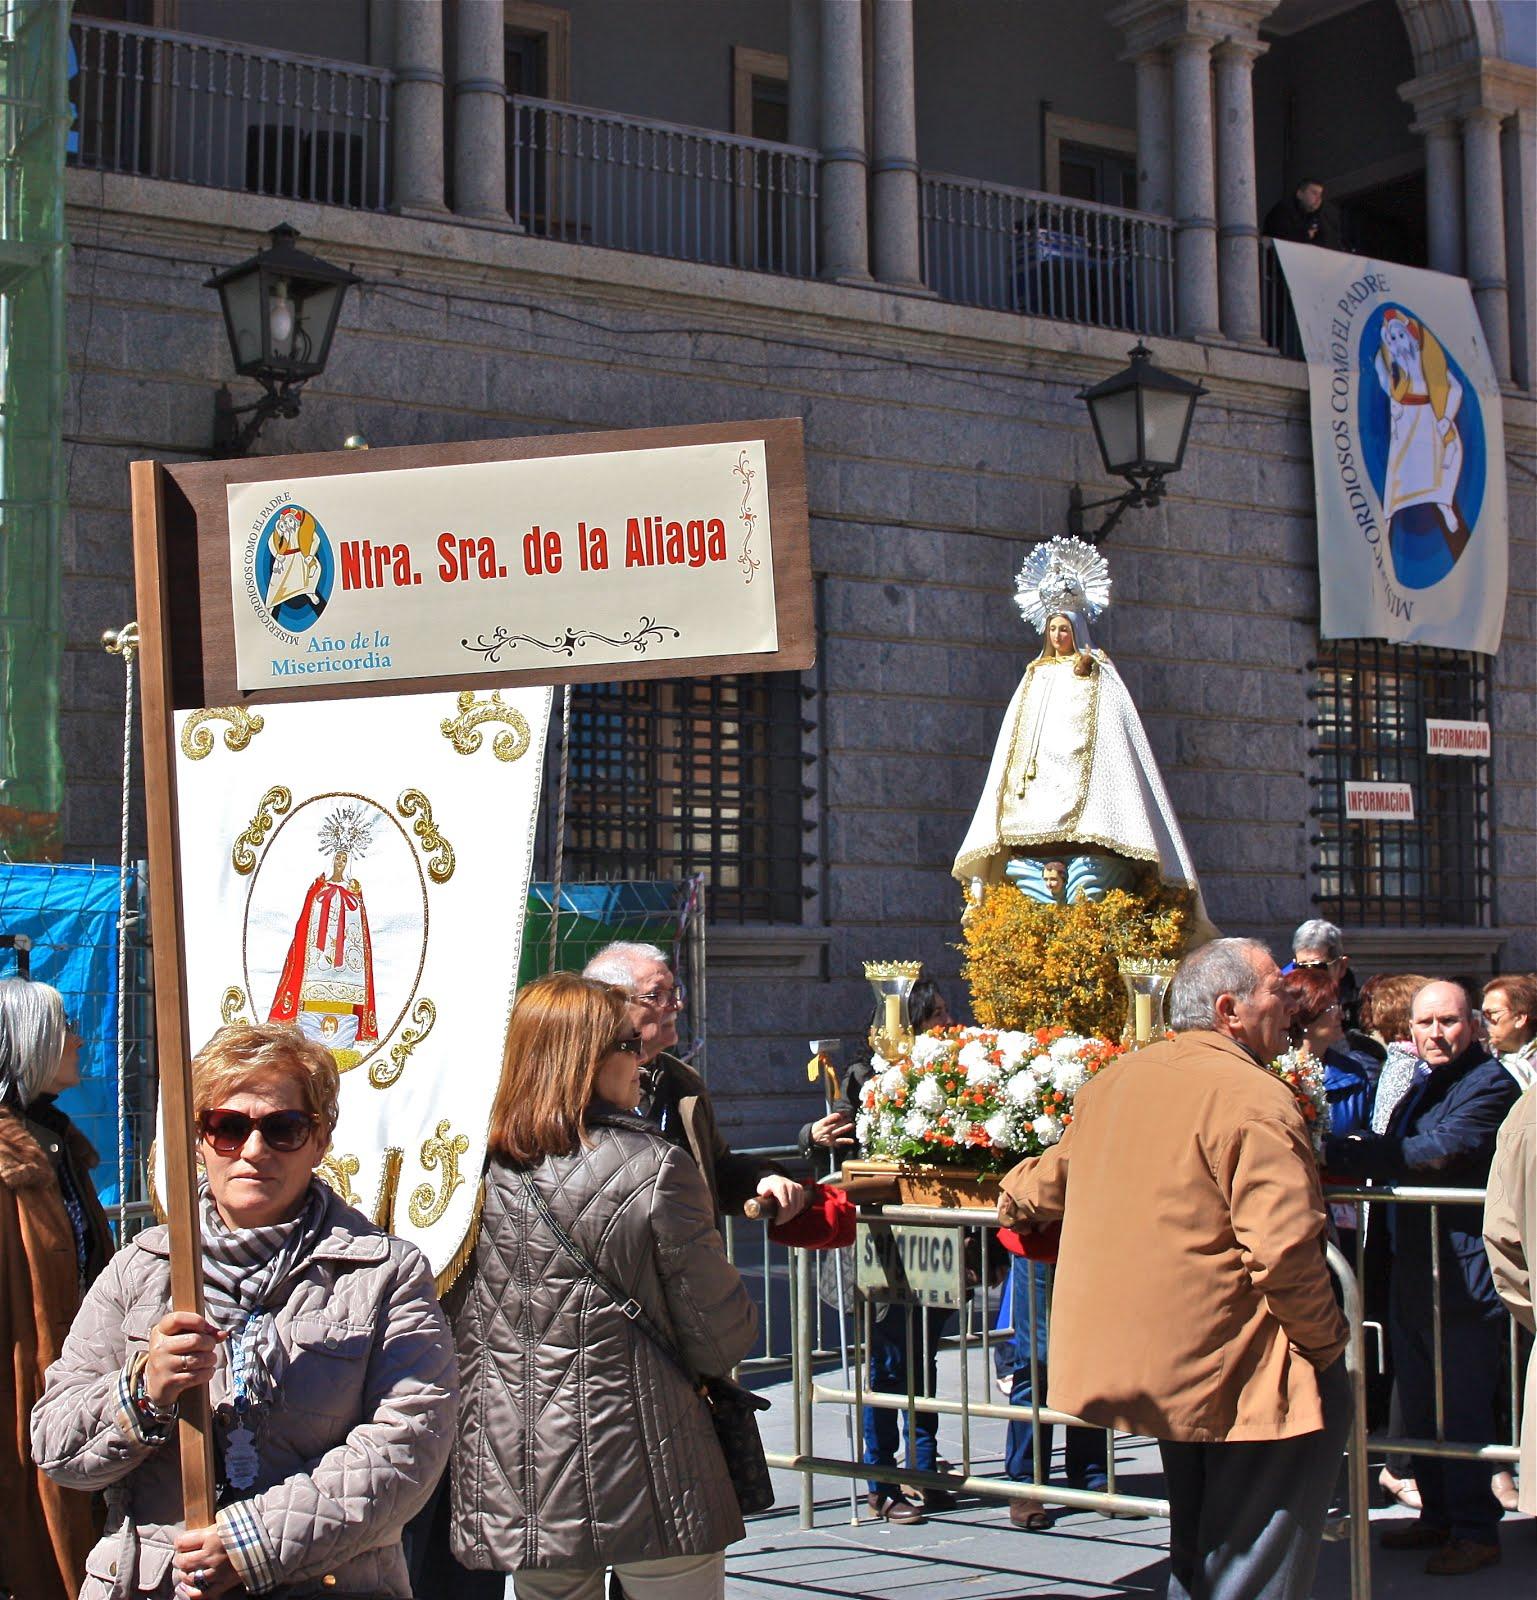 Fotogaleria: La Virgen de la Aliaga en el Encuentro Diocesano de la Misericordia. Teruel 2016